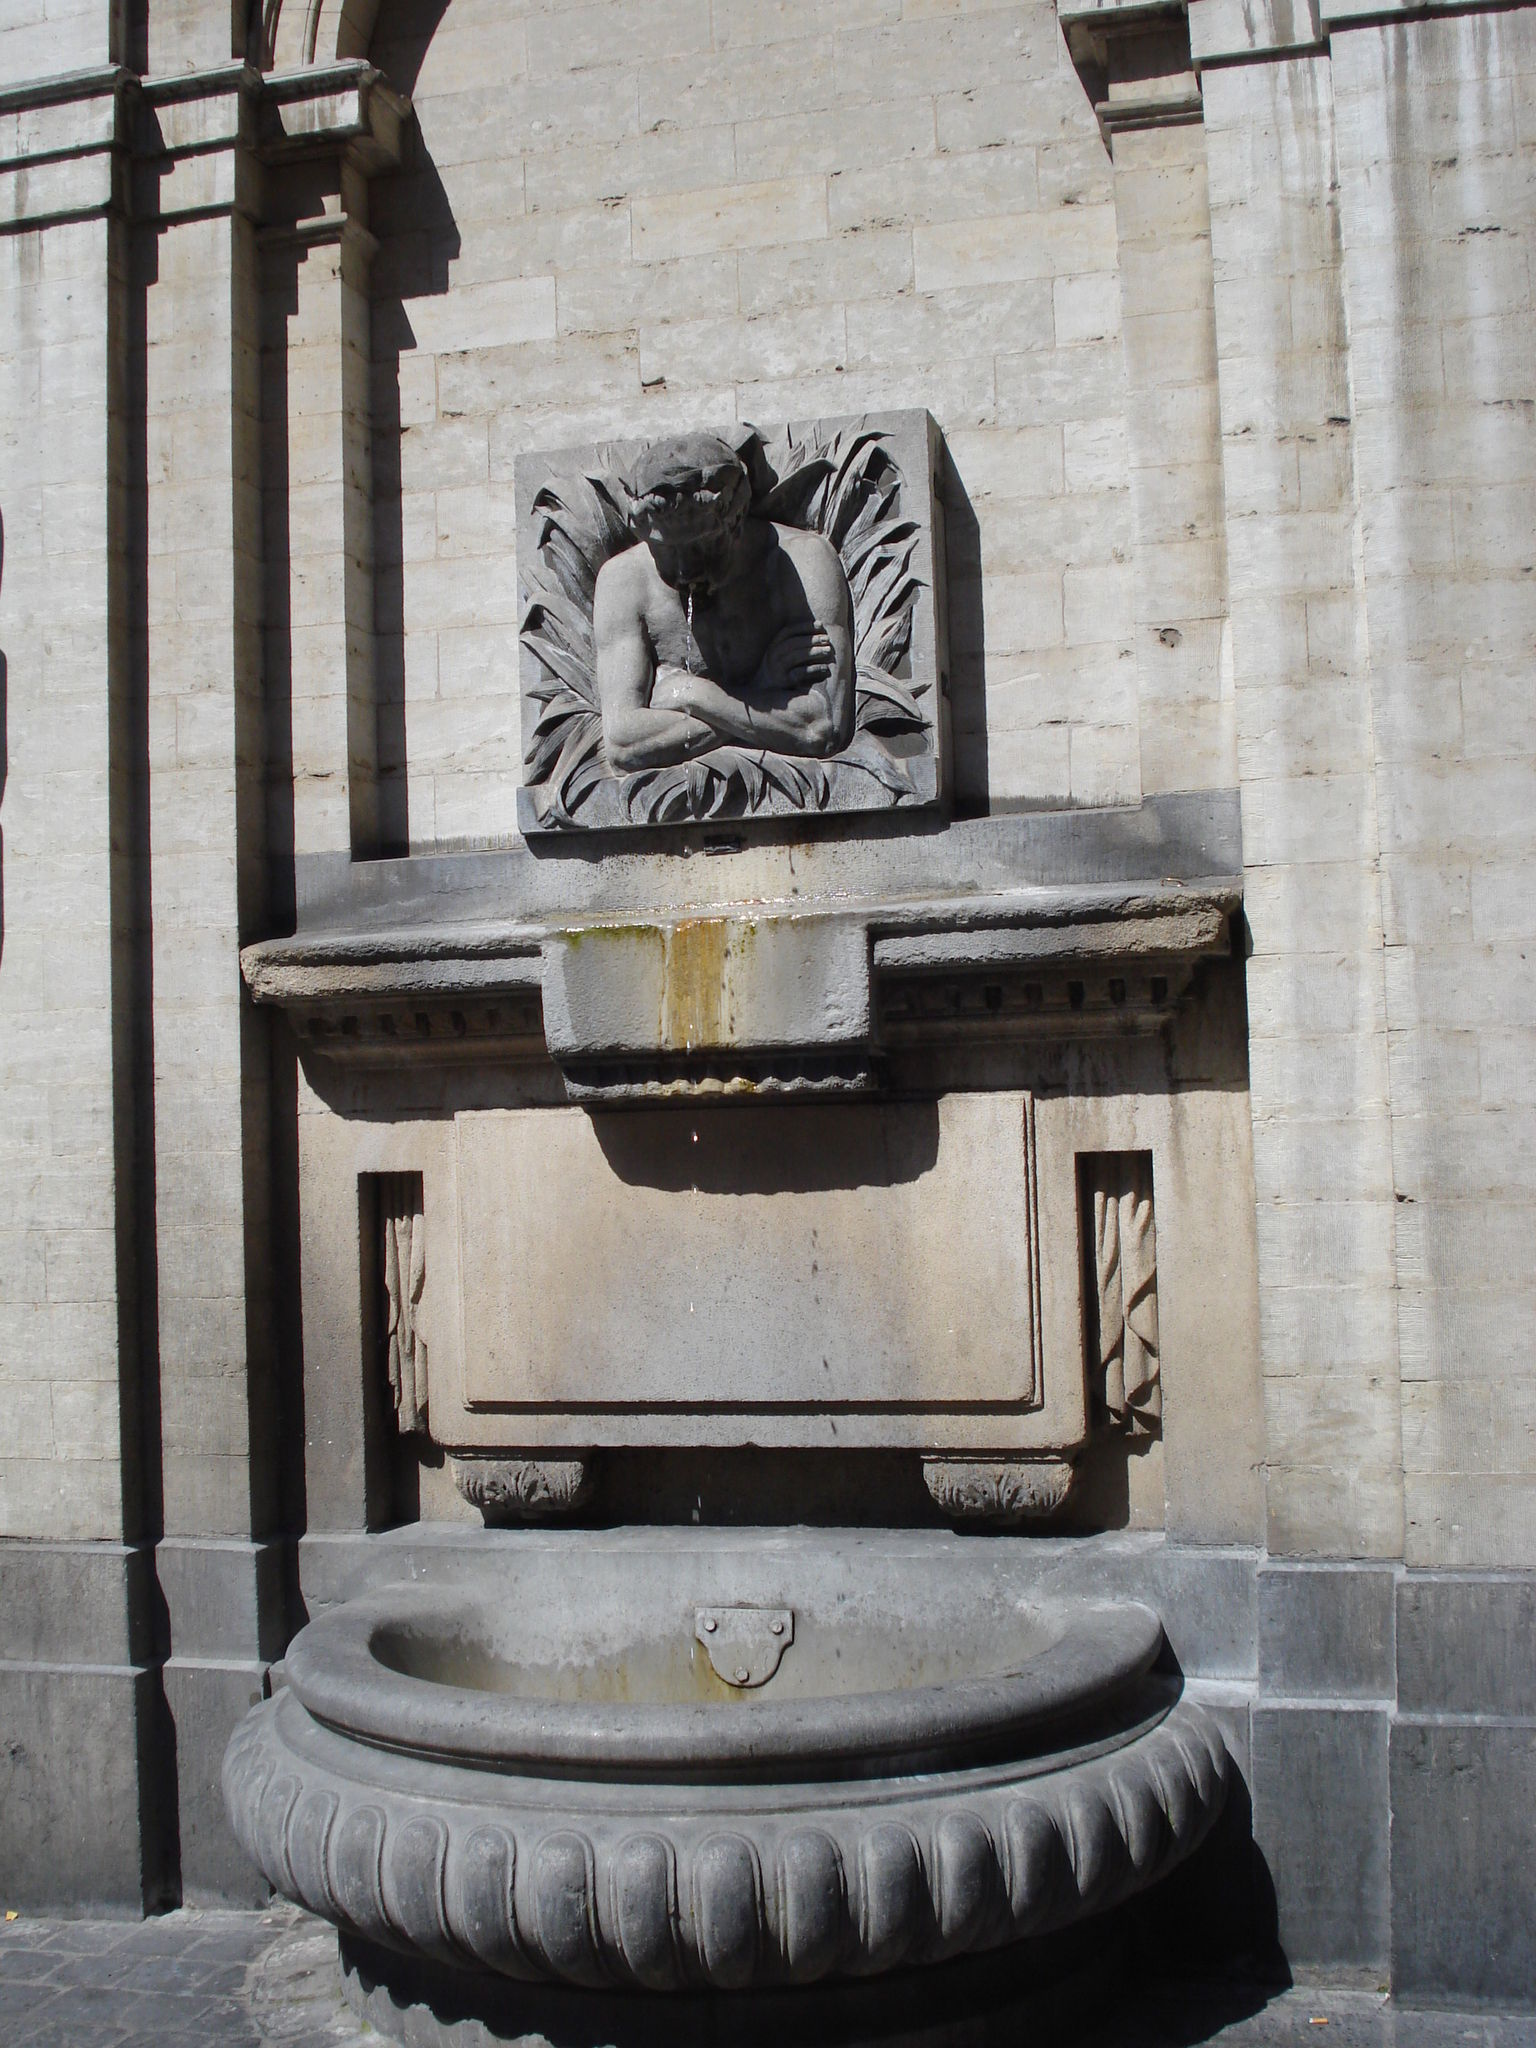 le cracheur, point d'eau rue du midi